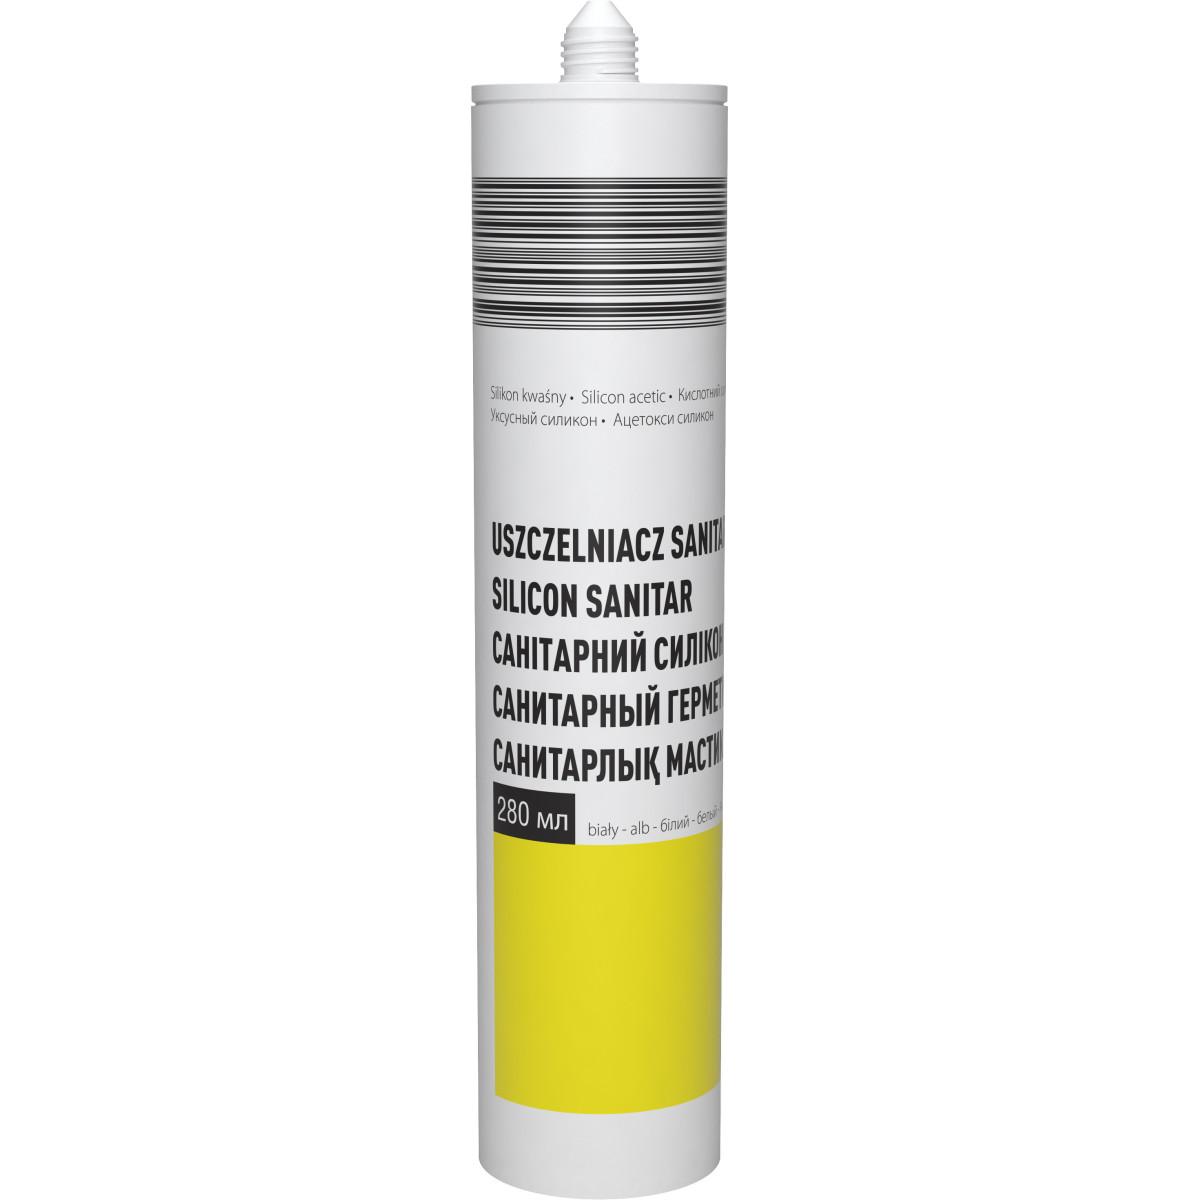 Герметик санитарный силиконовый цвет белый 280 мл